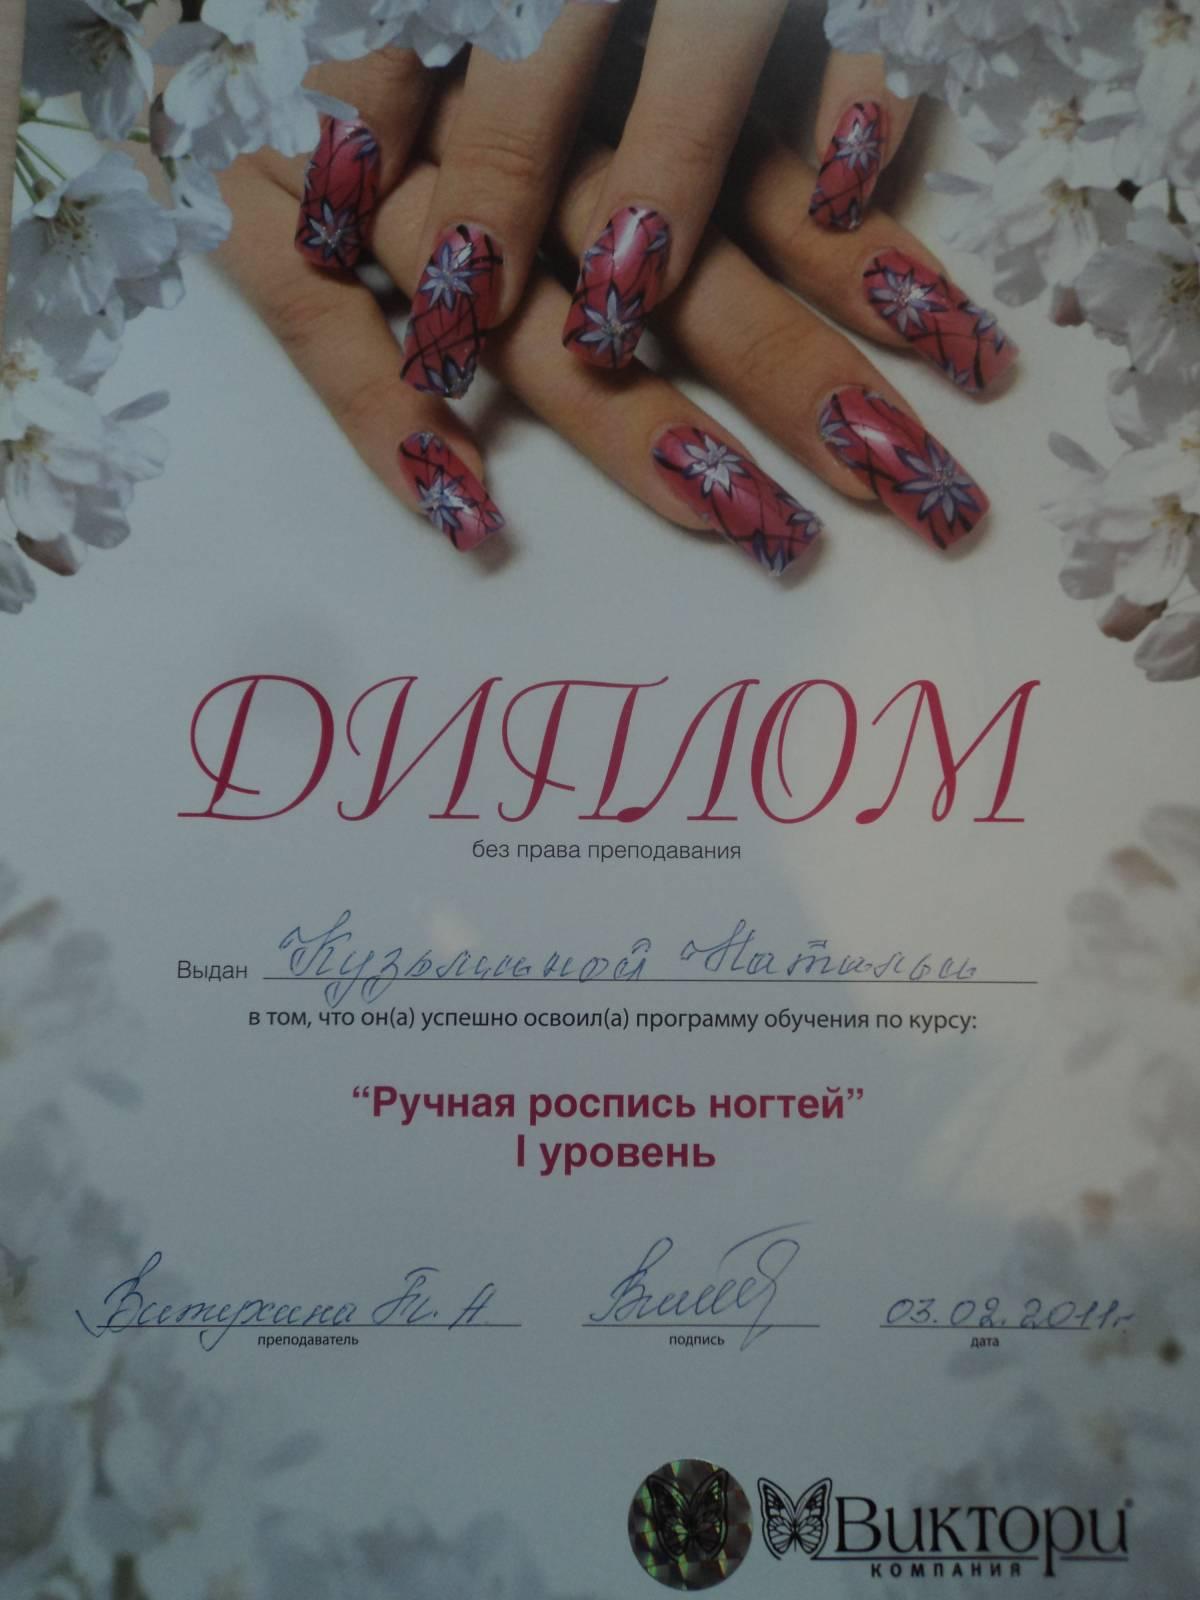 Фото дипломов по наращиванию ногтей